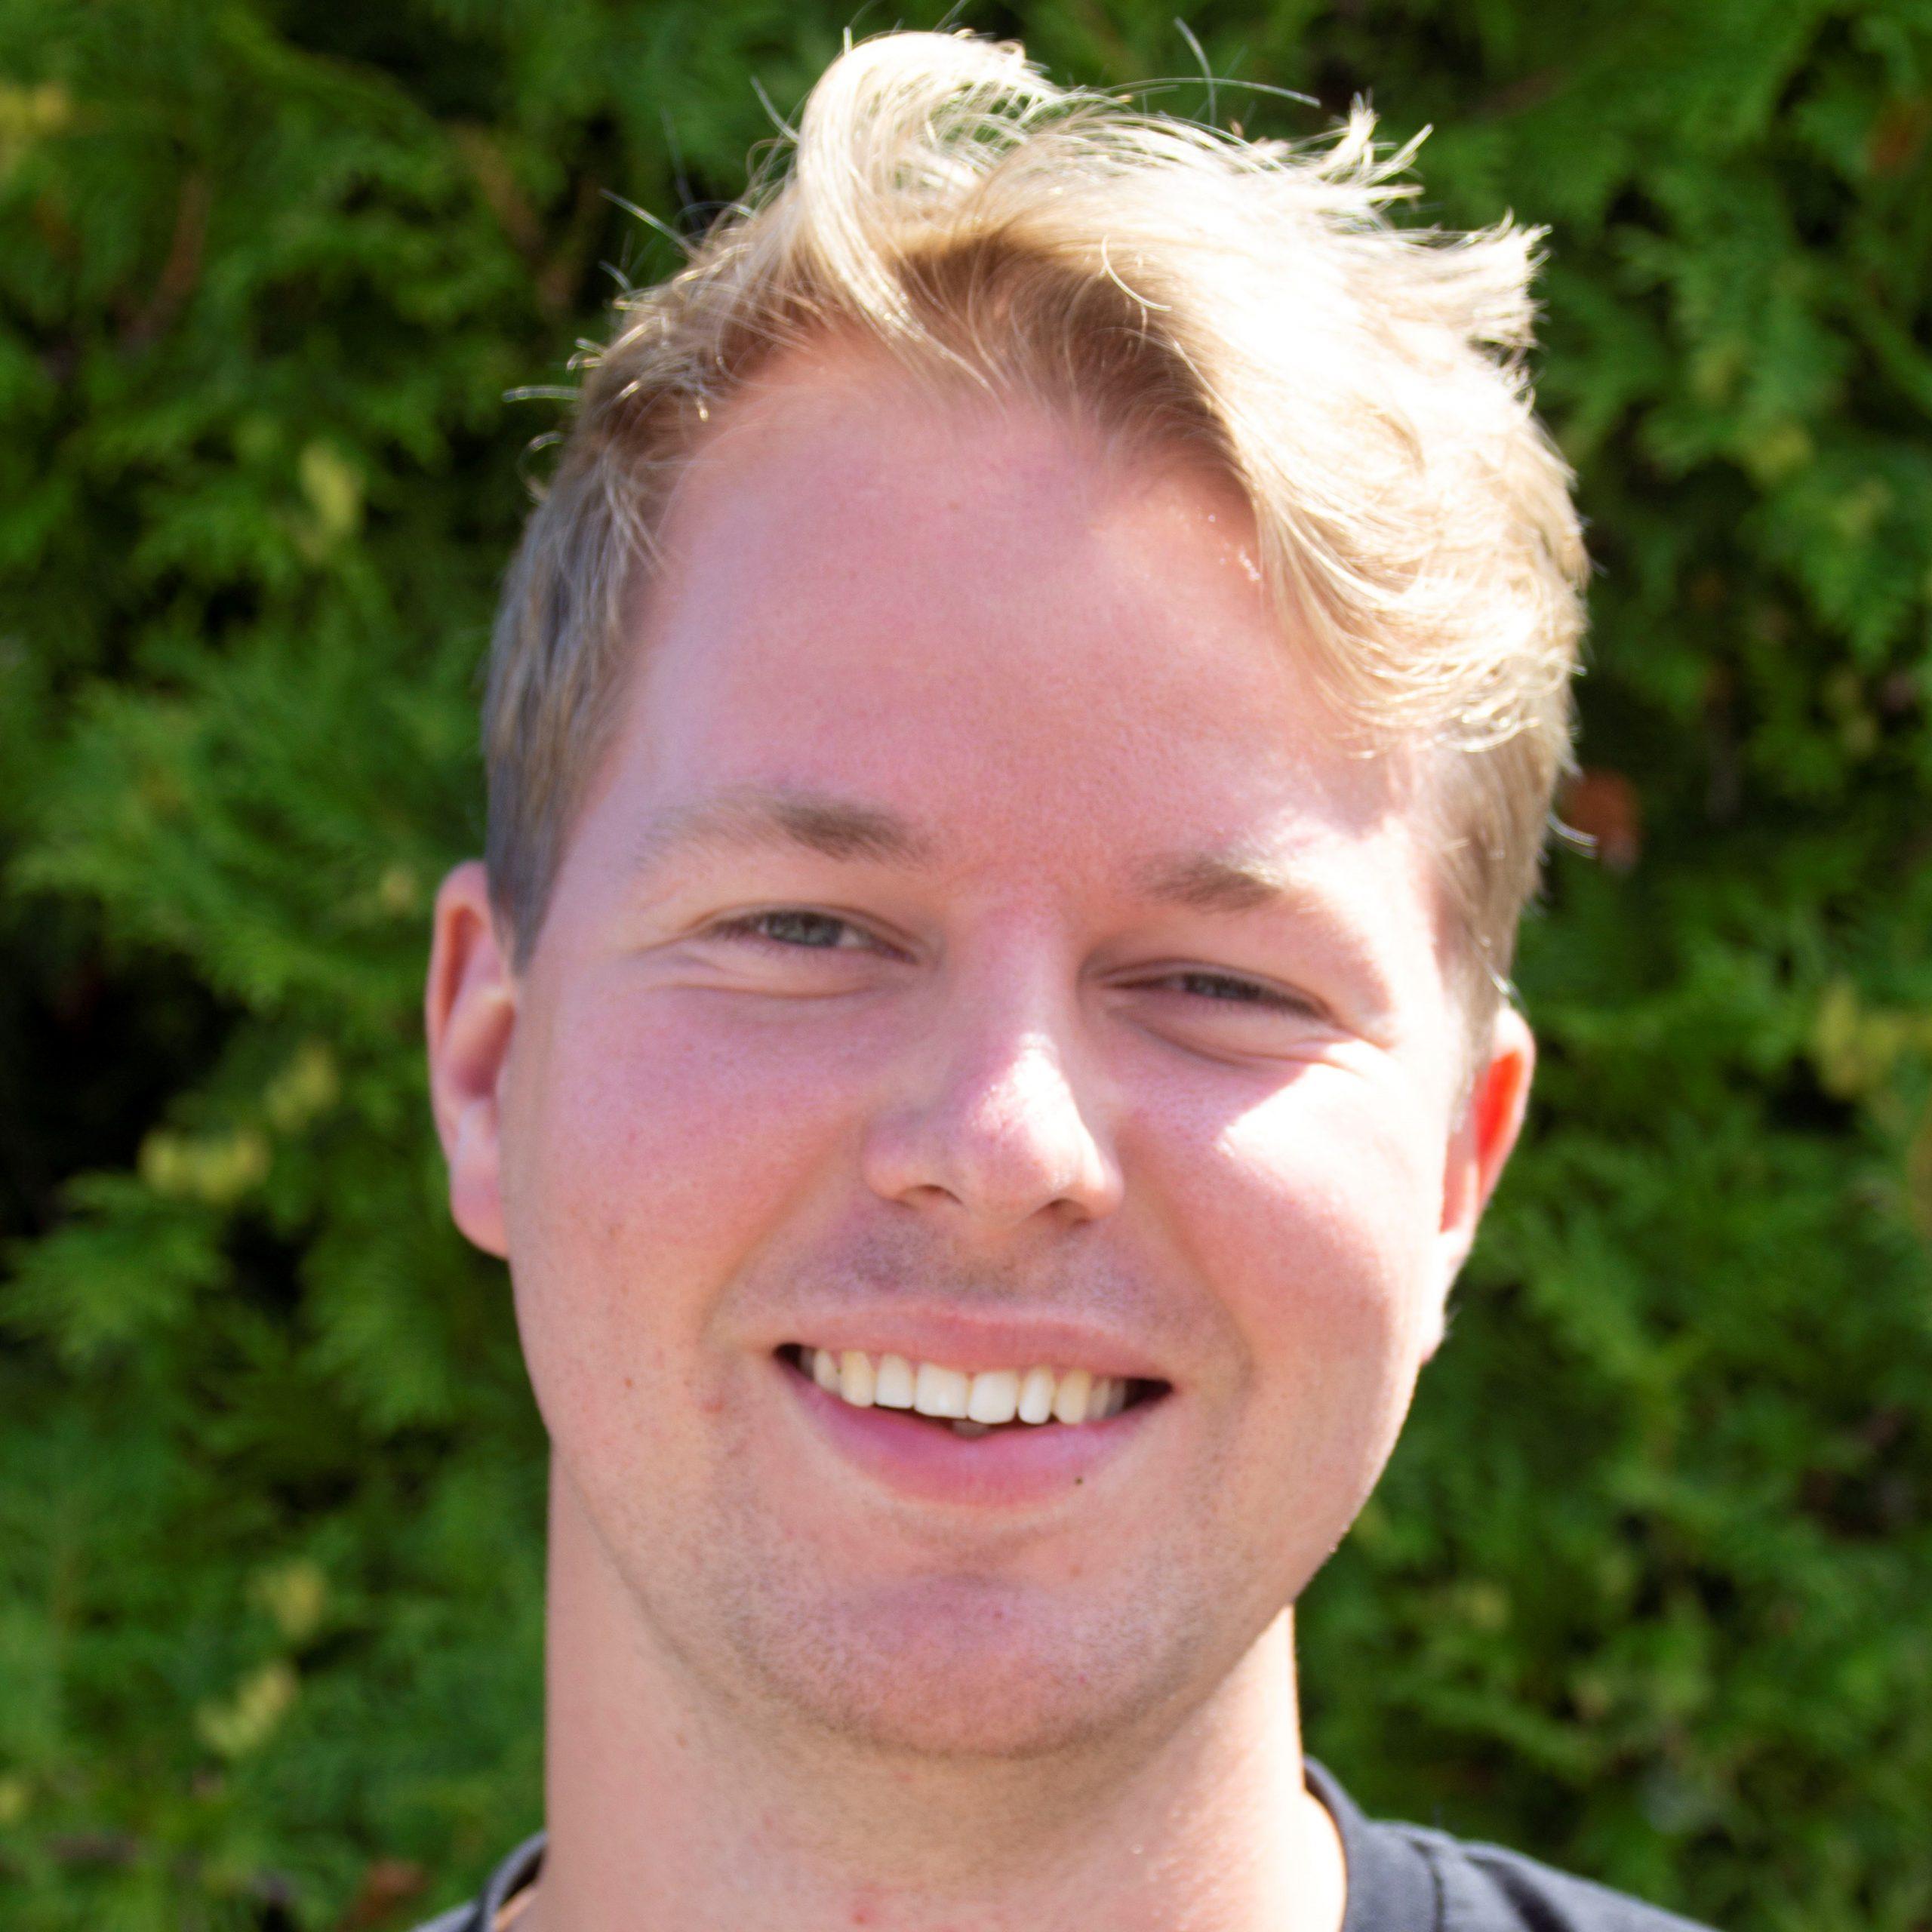 Niels Grønbæk Abelskov